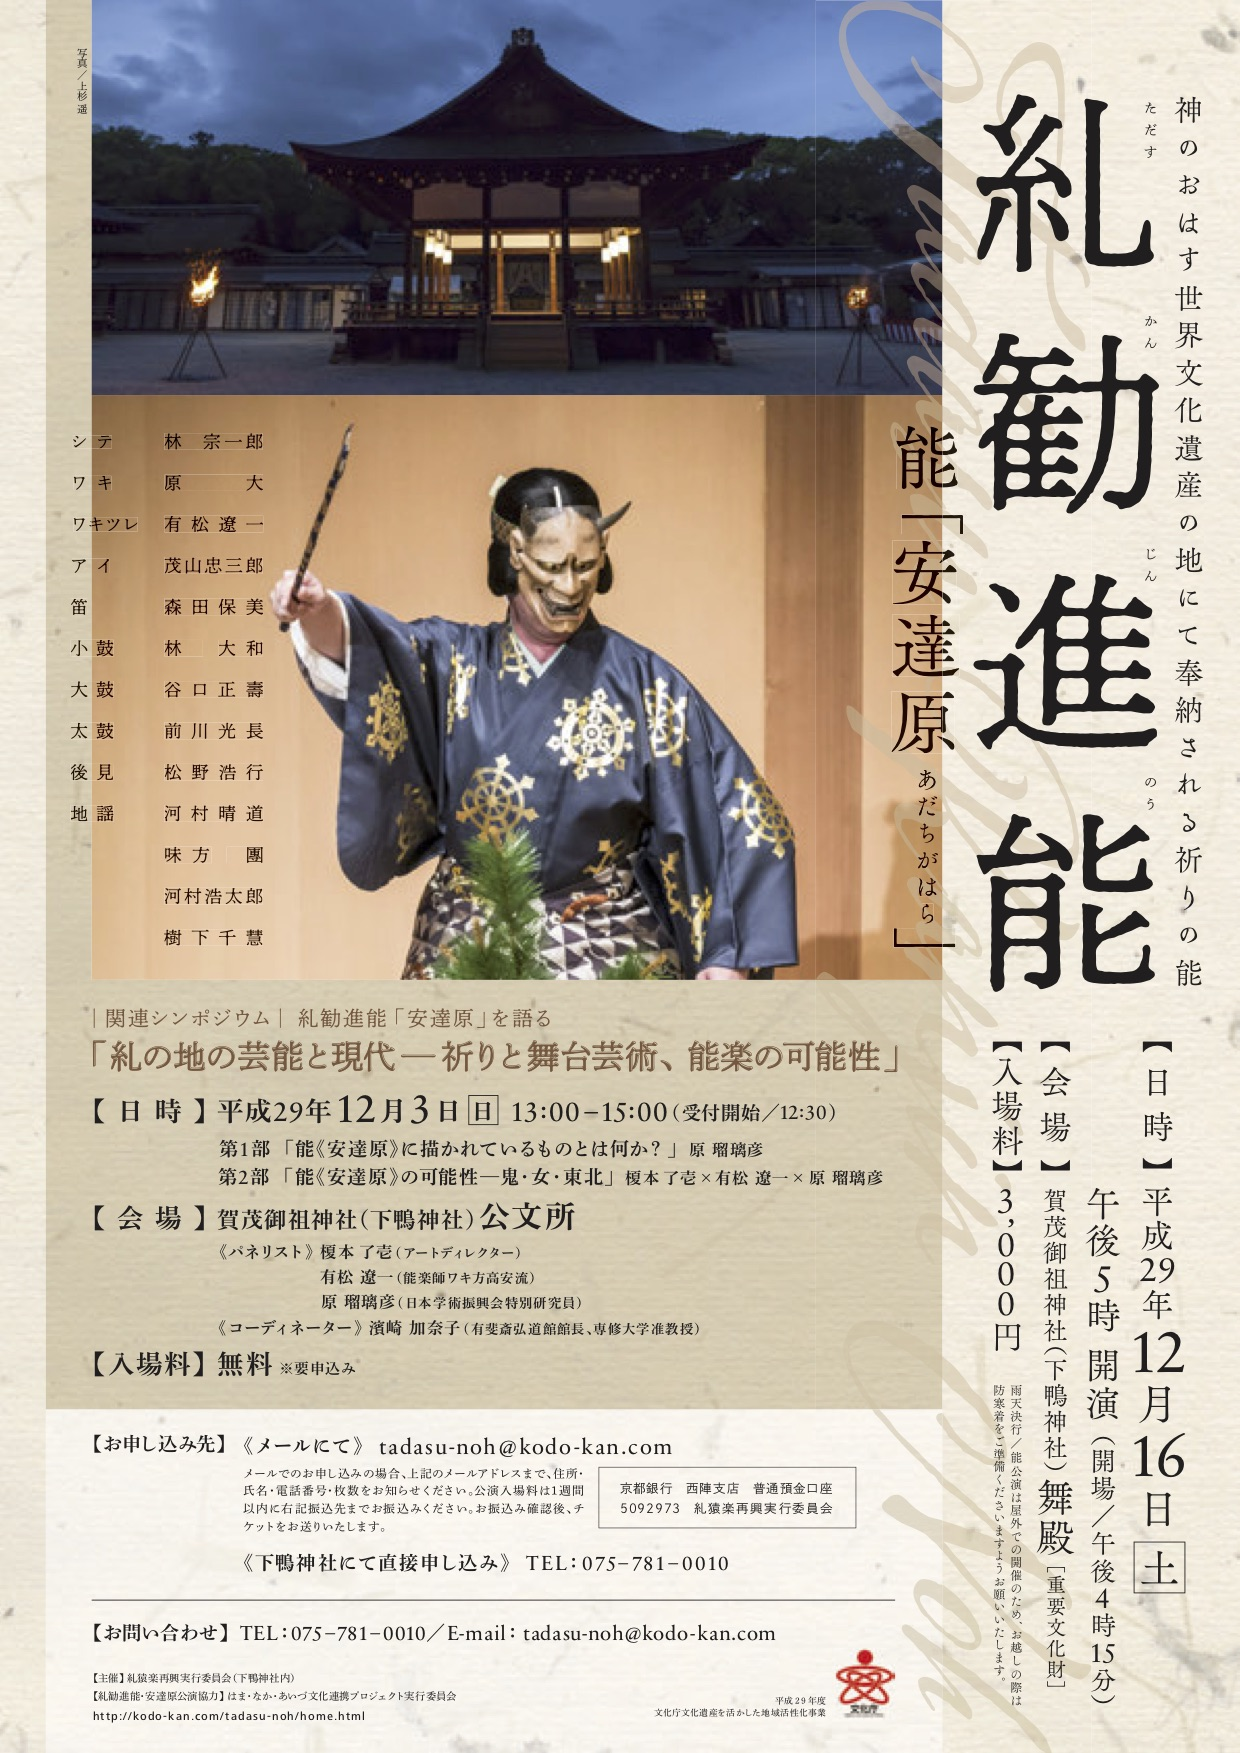 tadasu-kanjinnou_171115-2